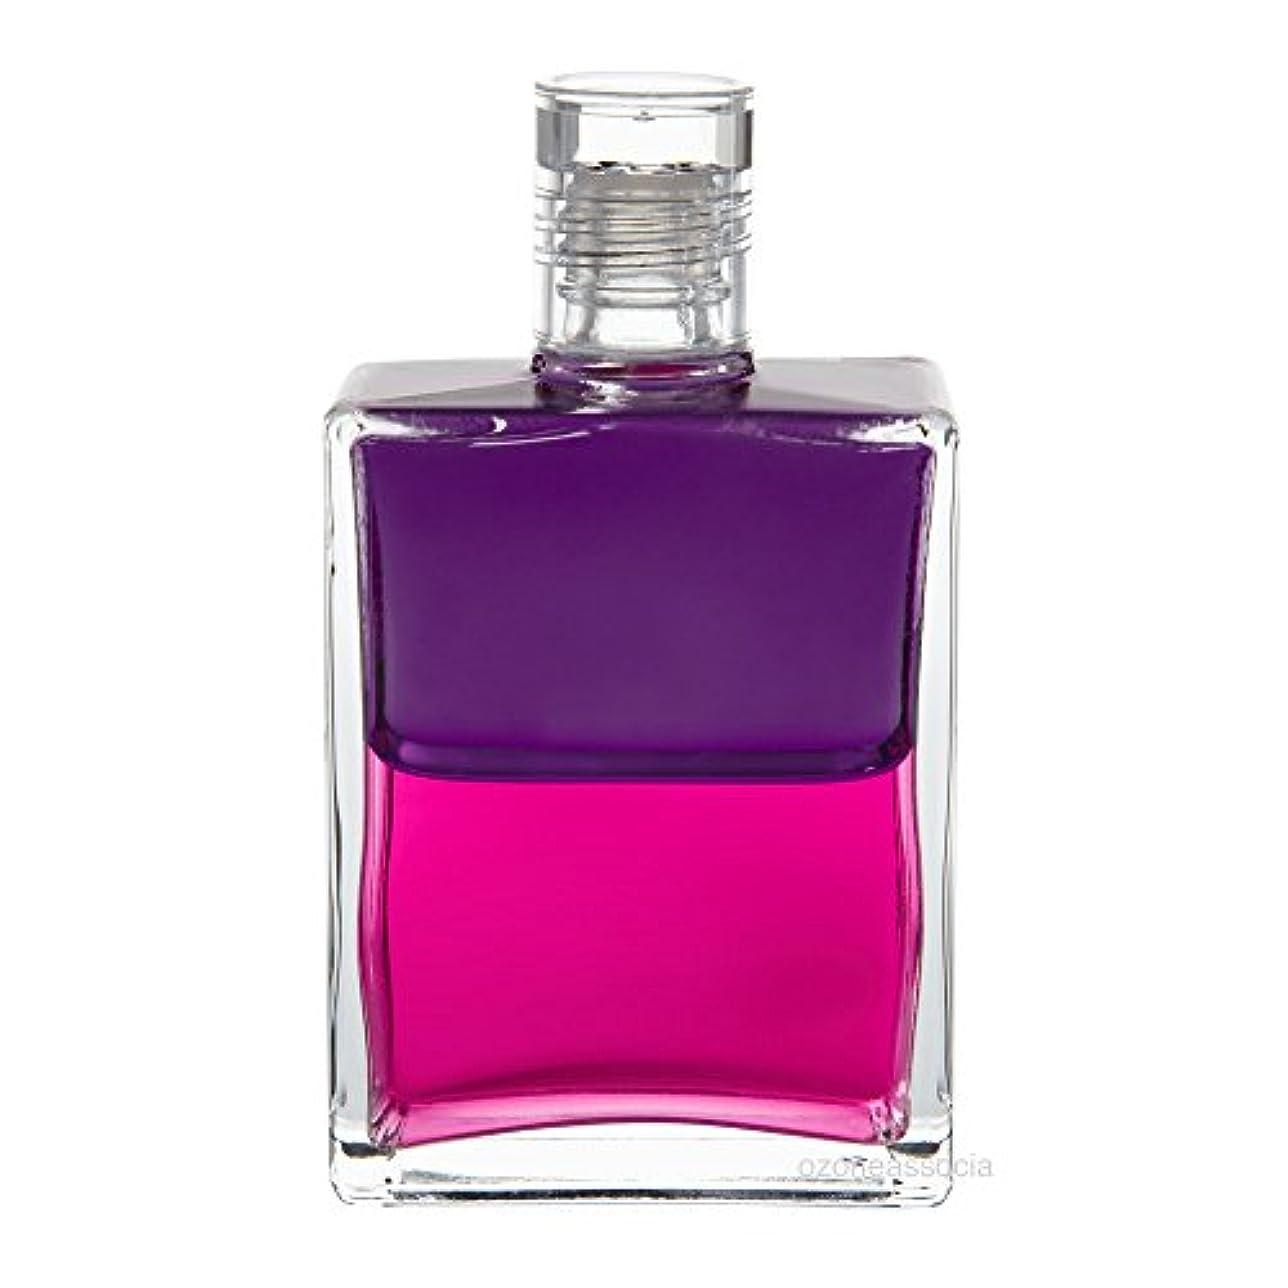 遺体安置所勇気静脈オーラソーマ ボトル 25番  回復期/ナイチンゲールのボトル (パープル/マゼンタ) イクイリブリアムボトル50ml Aurasoma